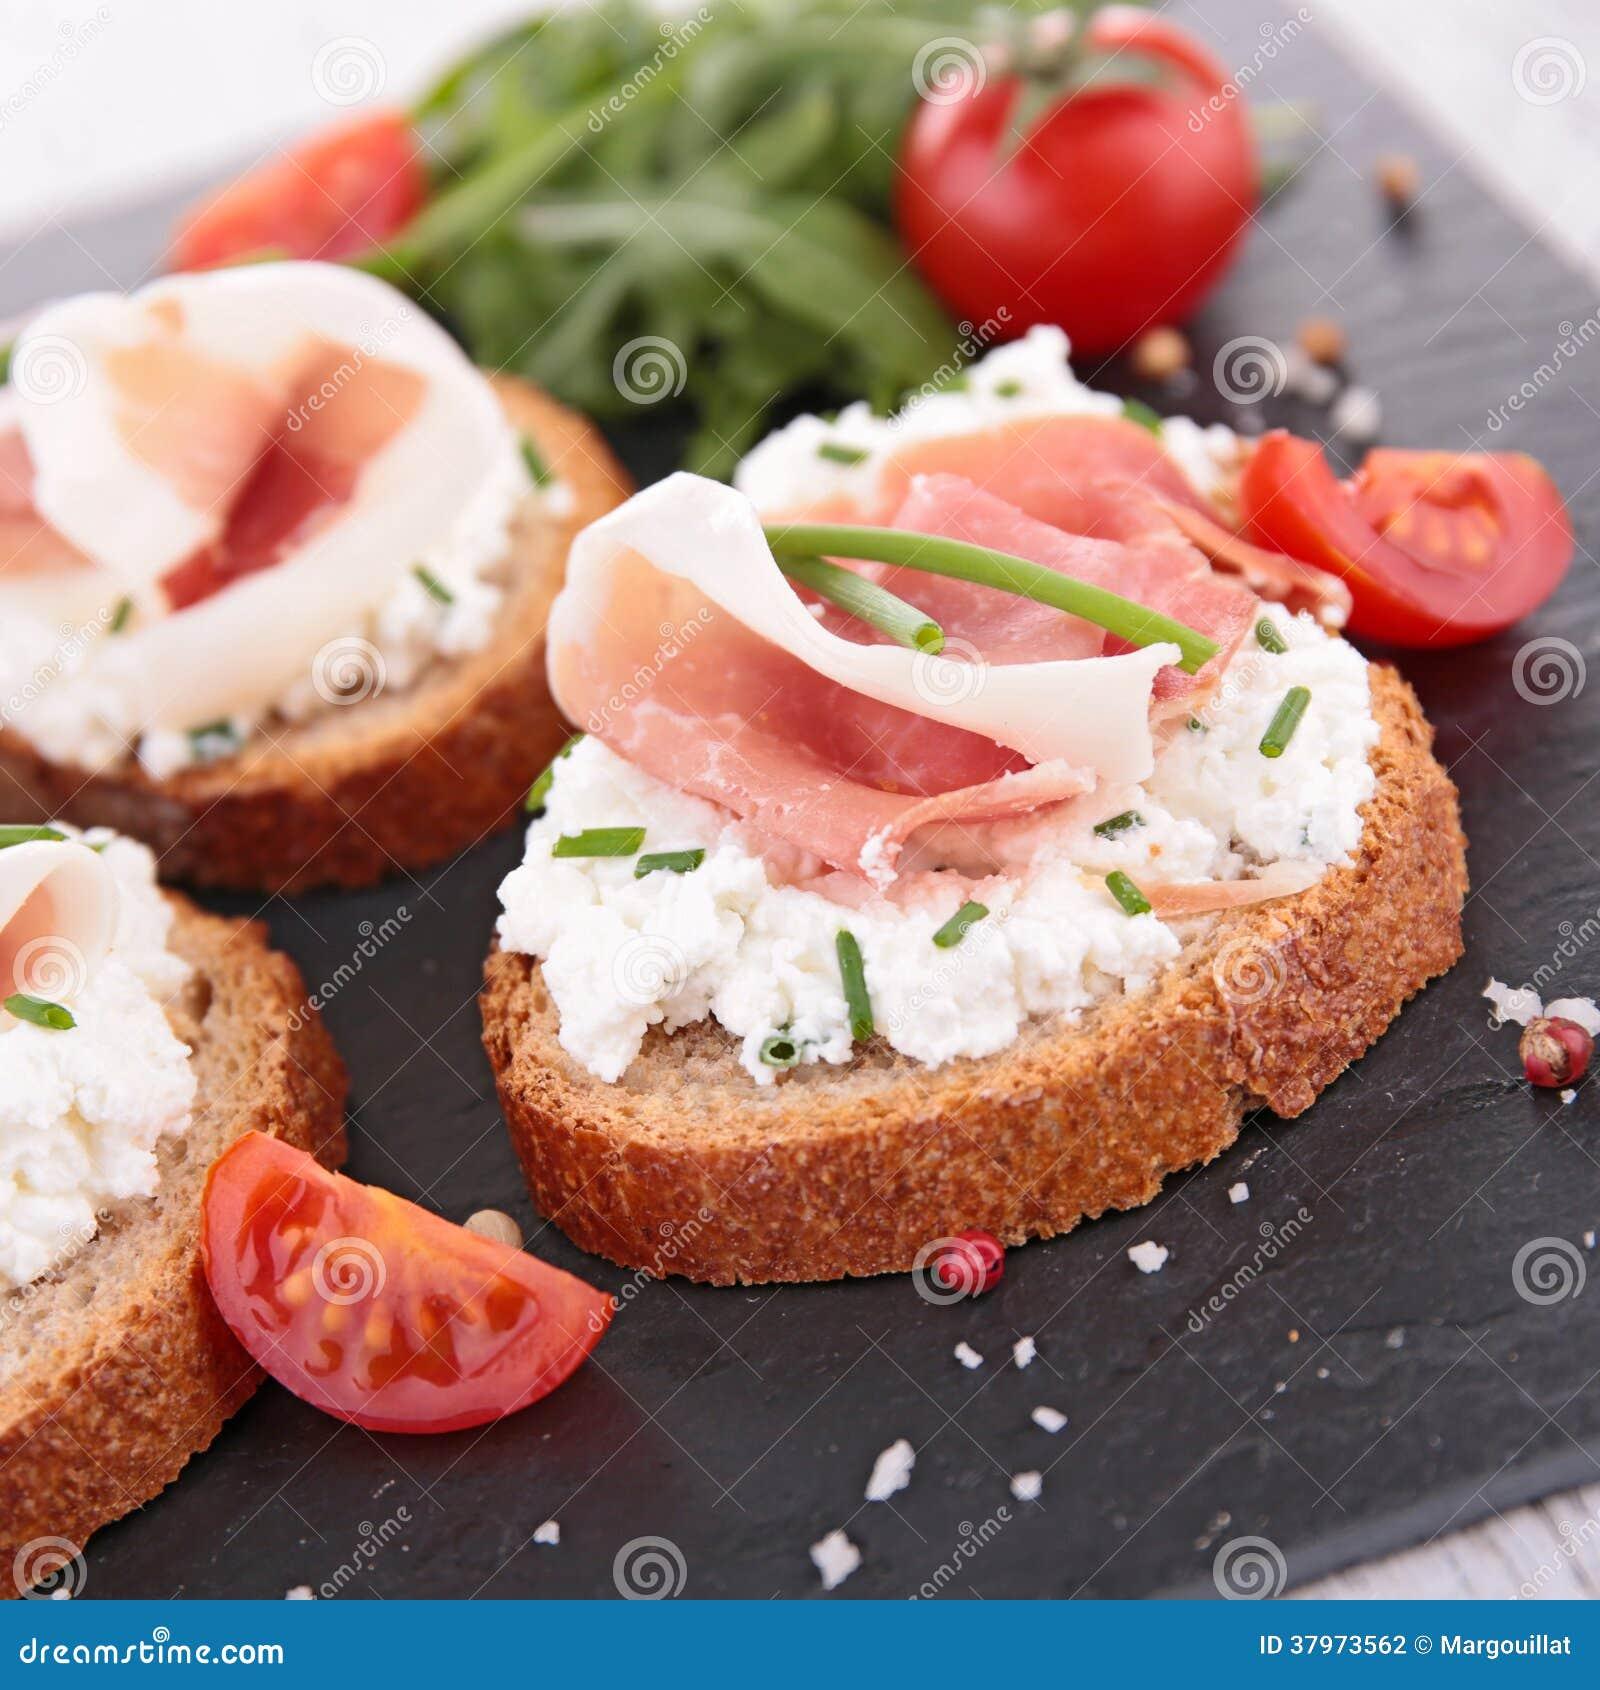 Canape bread and prosciutto stock photography image for Prosciutto canape